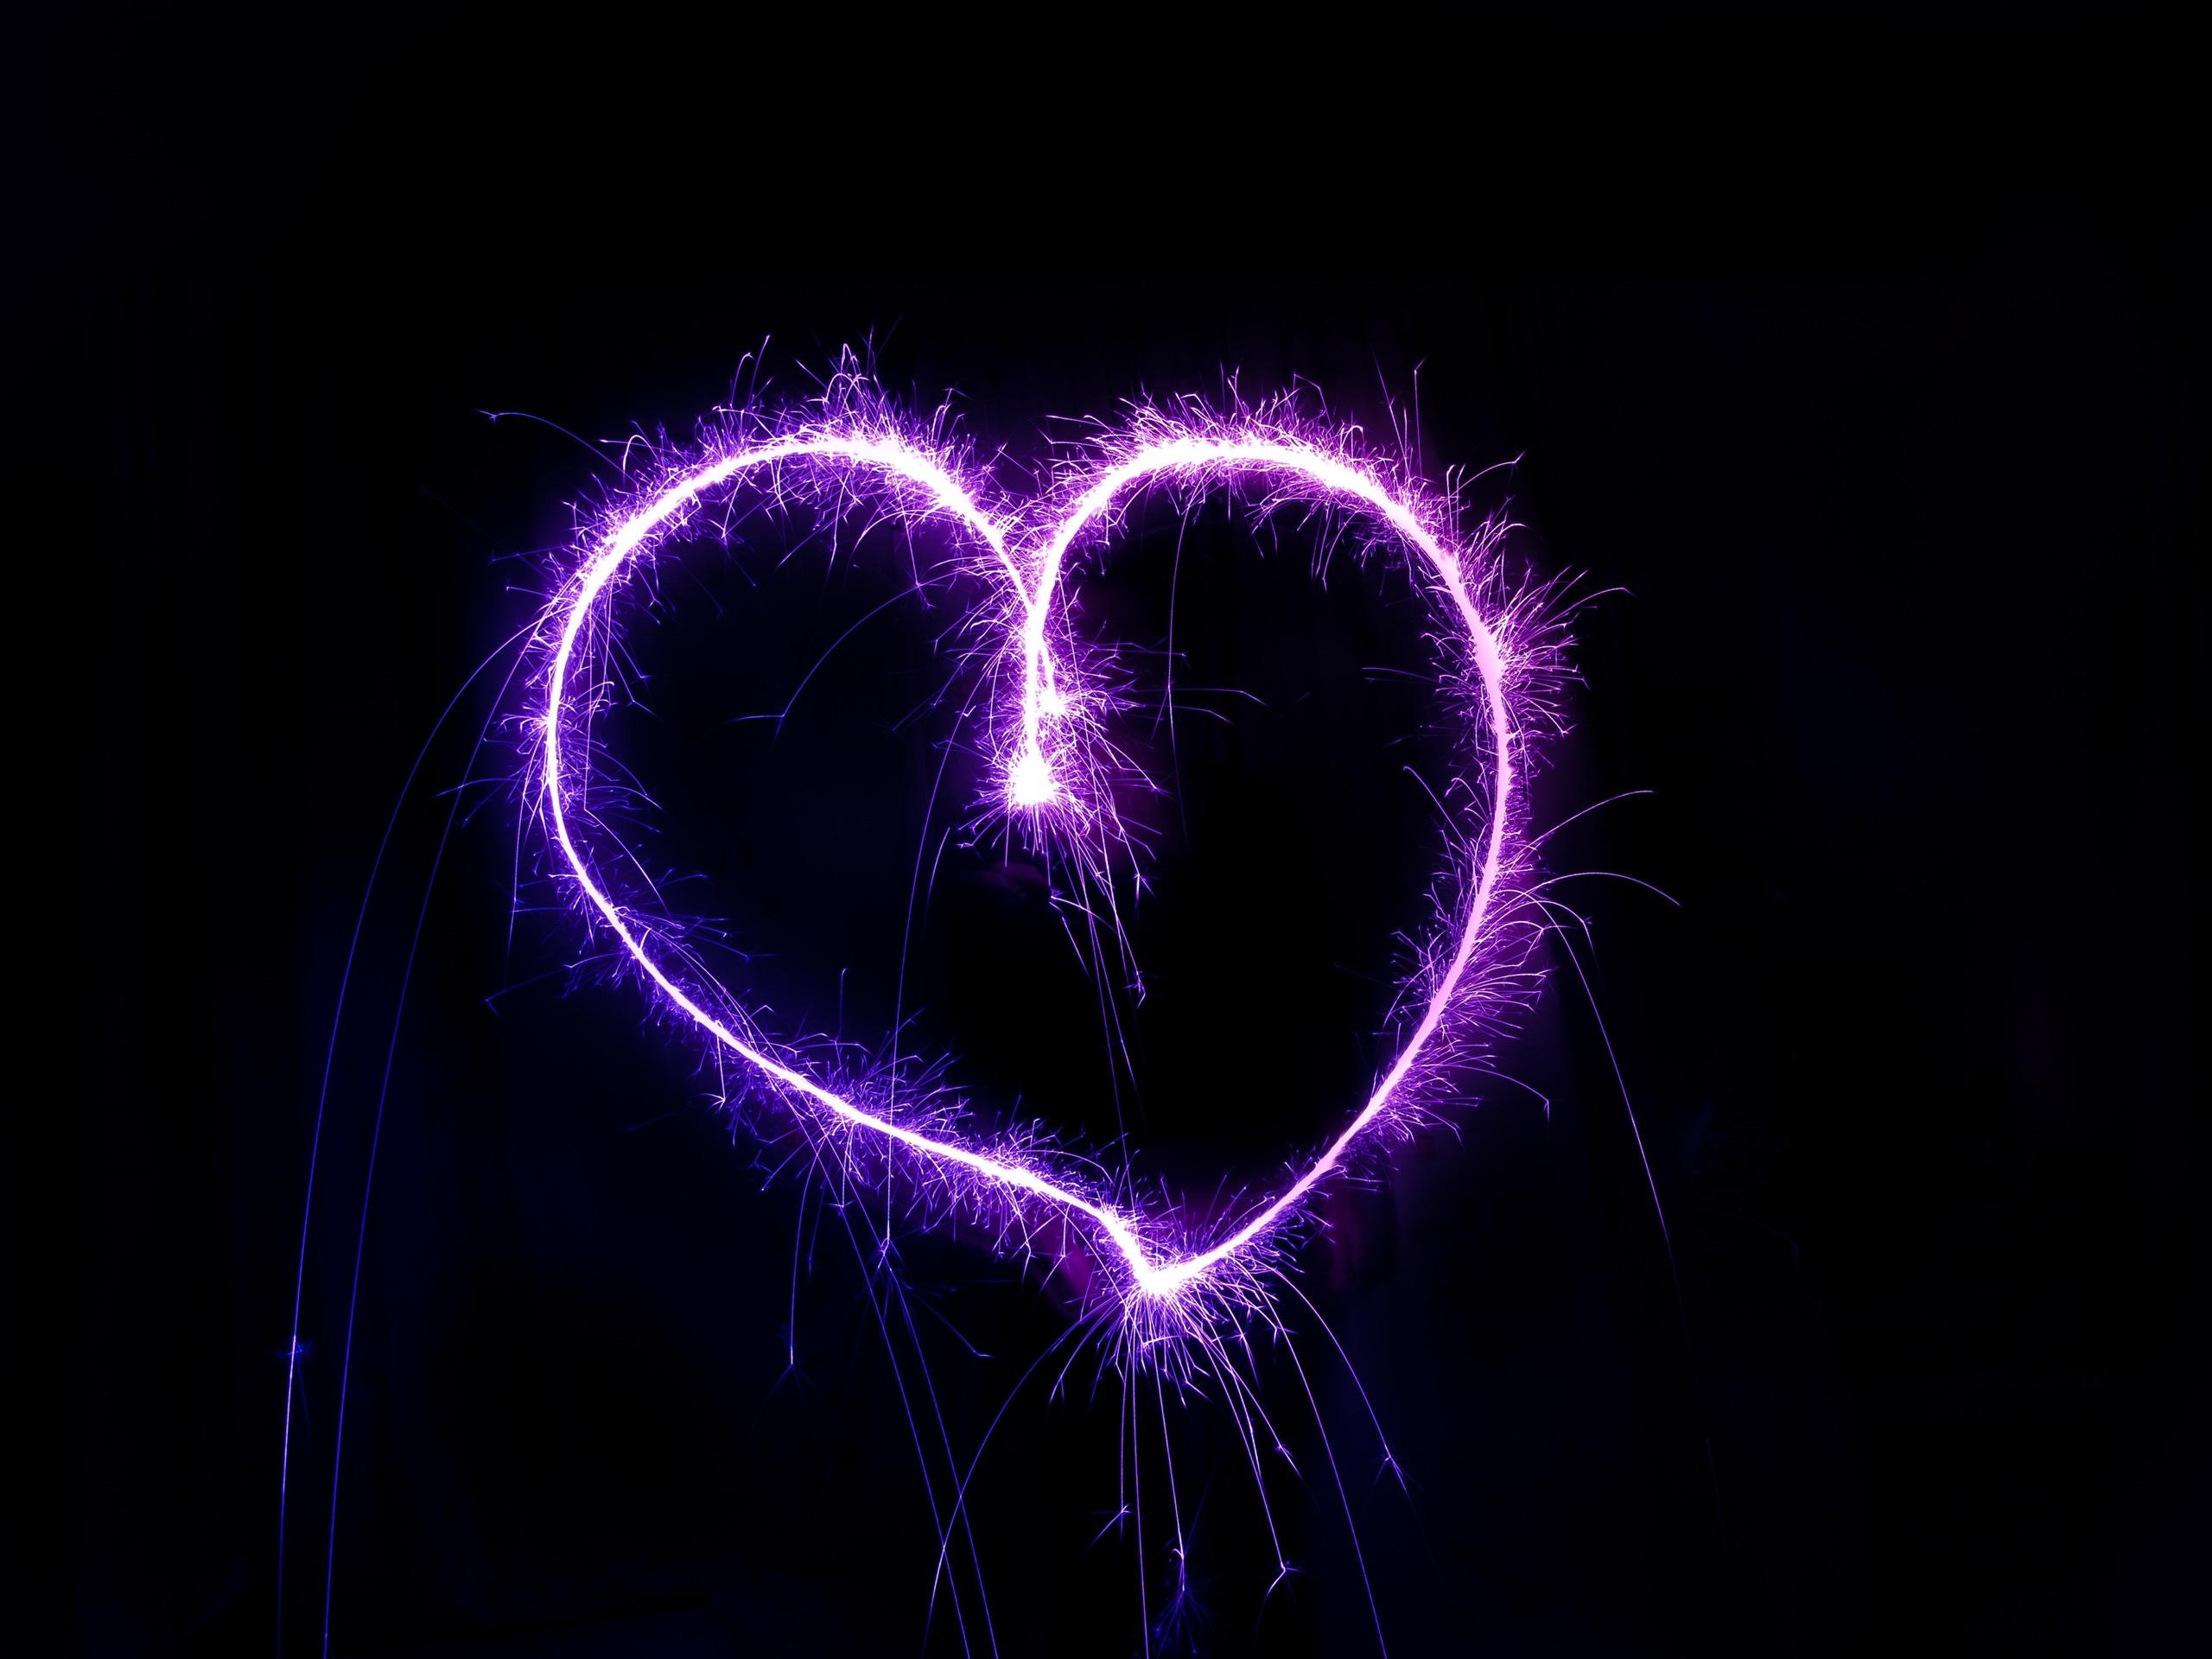 Purple Love Wallpaper: Download Wallpaper 2560x1920 Purple Love Heart, Fireworks